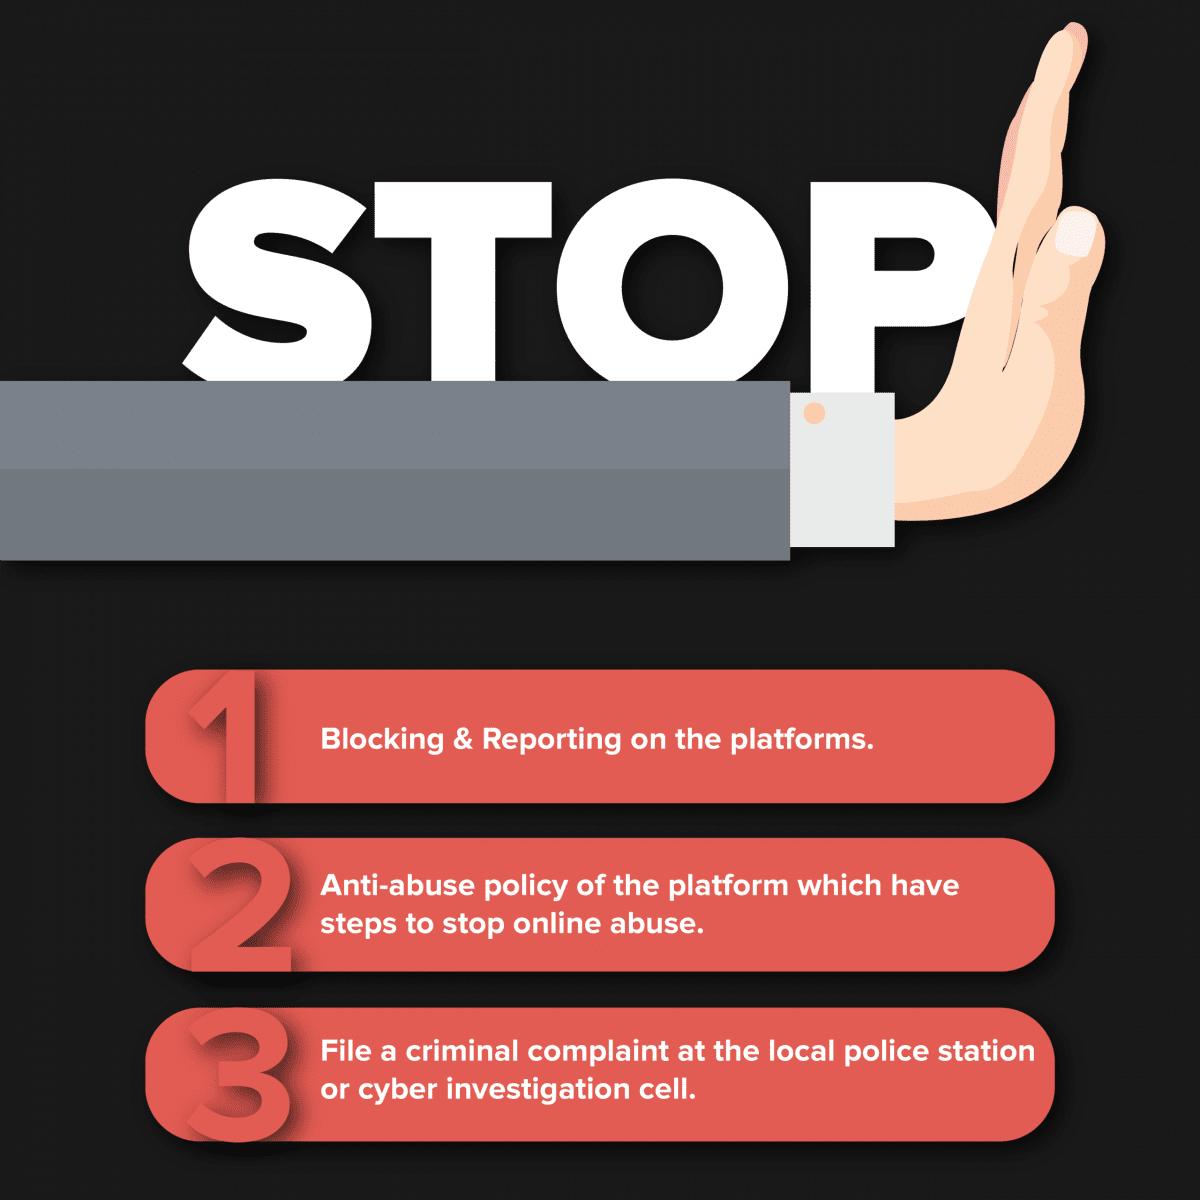 En n'étant pas en Europe, il n'y a pas énormément de solutions pour aider la campagne #StopOnlineAbuse. Mais il y en a!